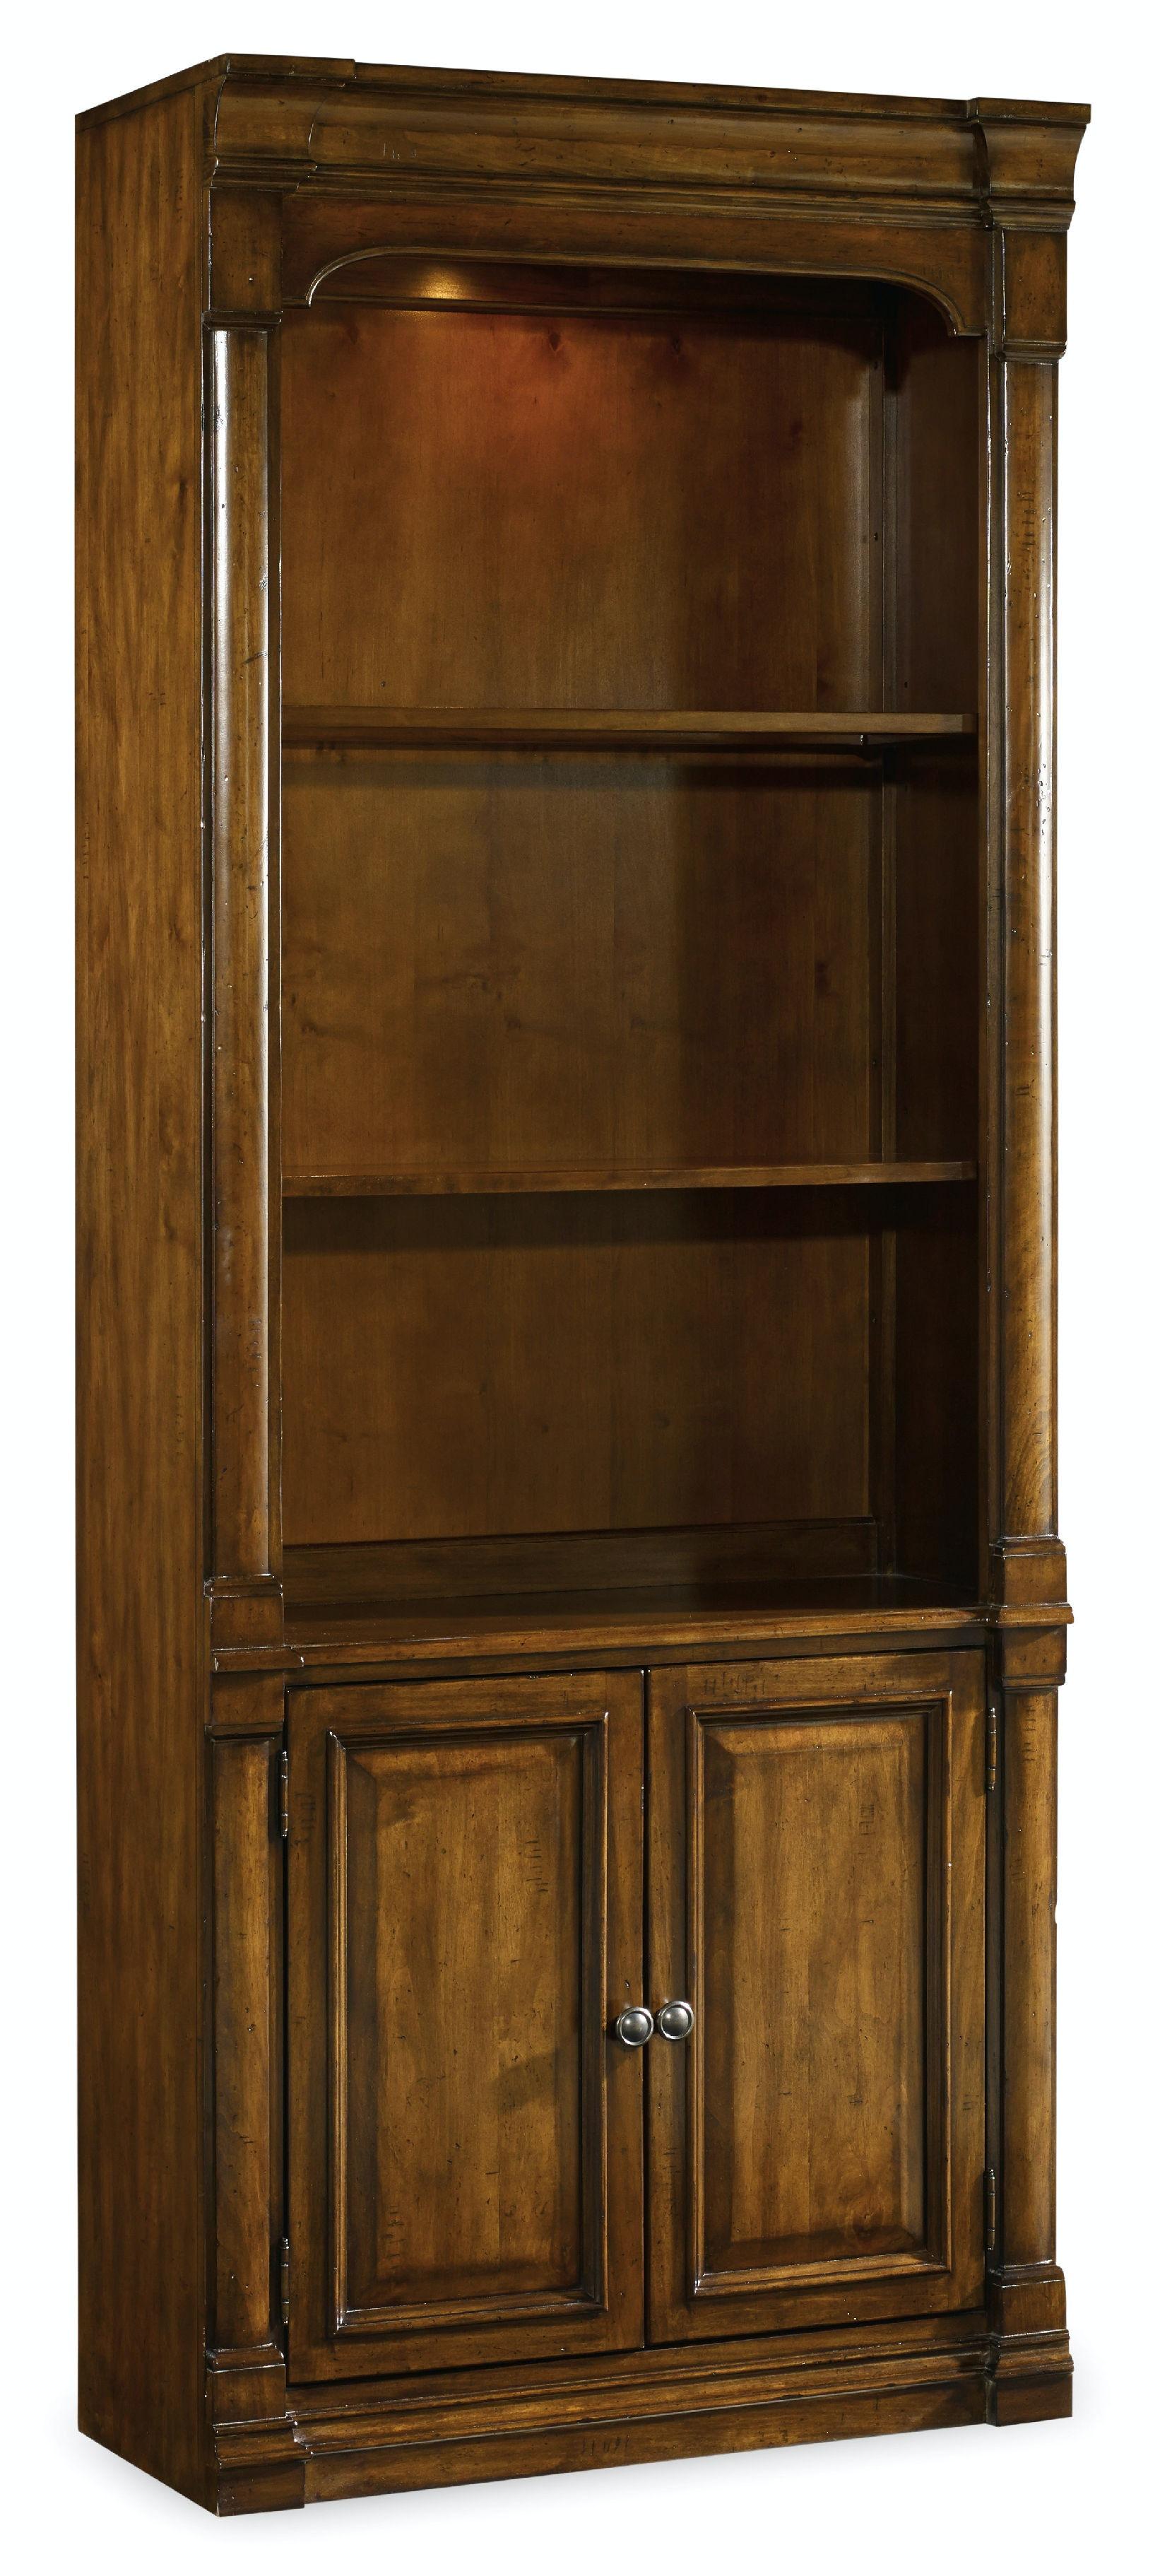 Elegant Tynecastle Bunching Bookcase